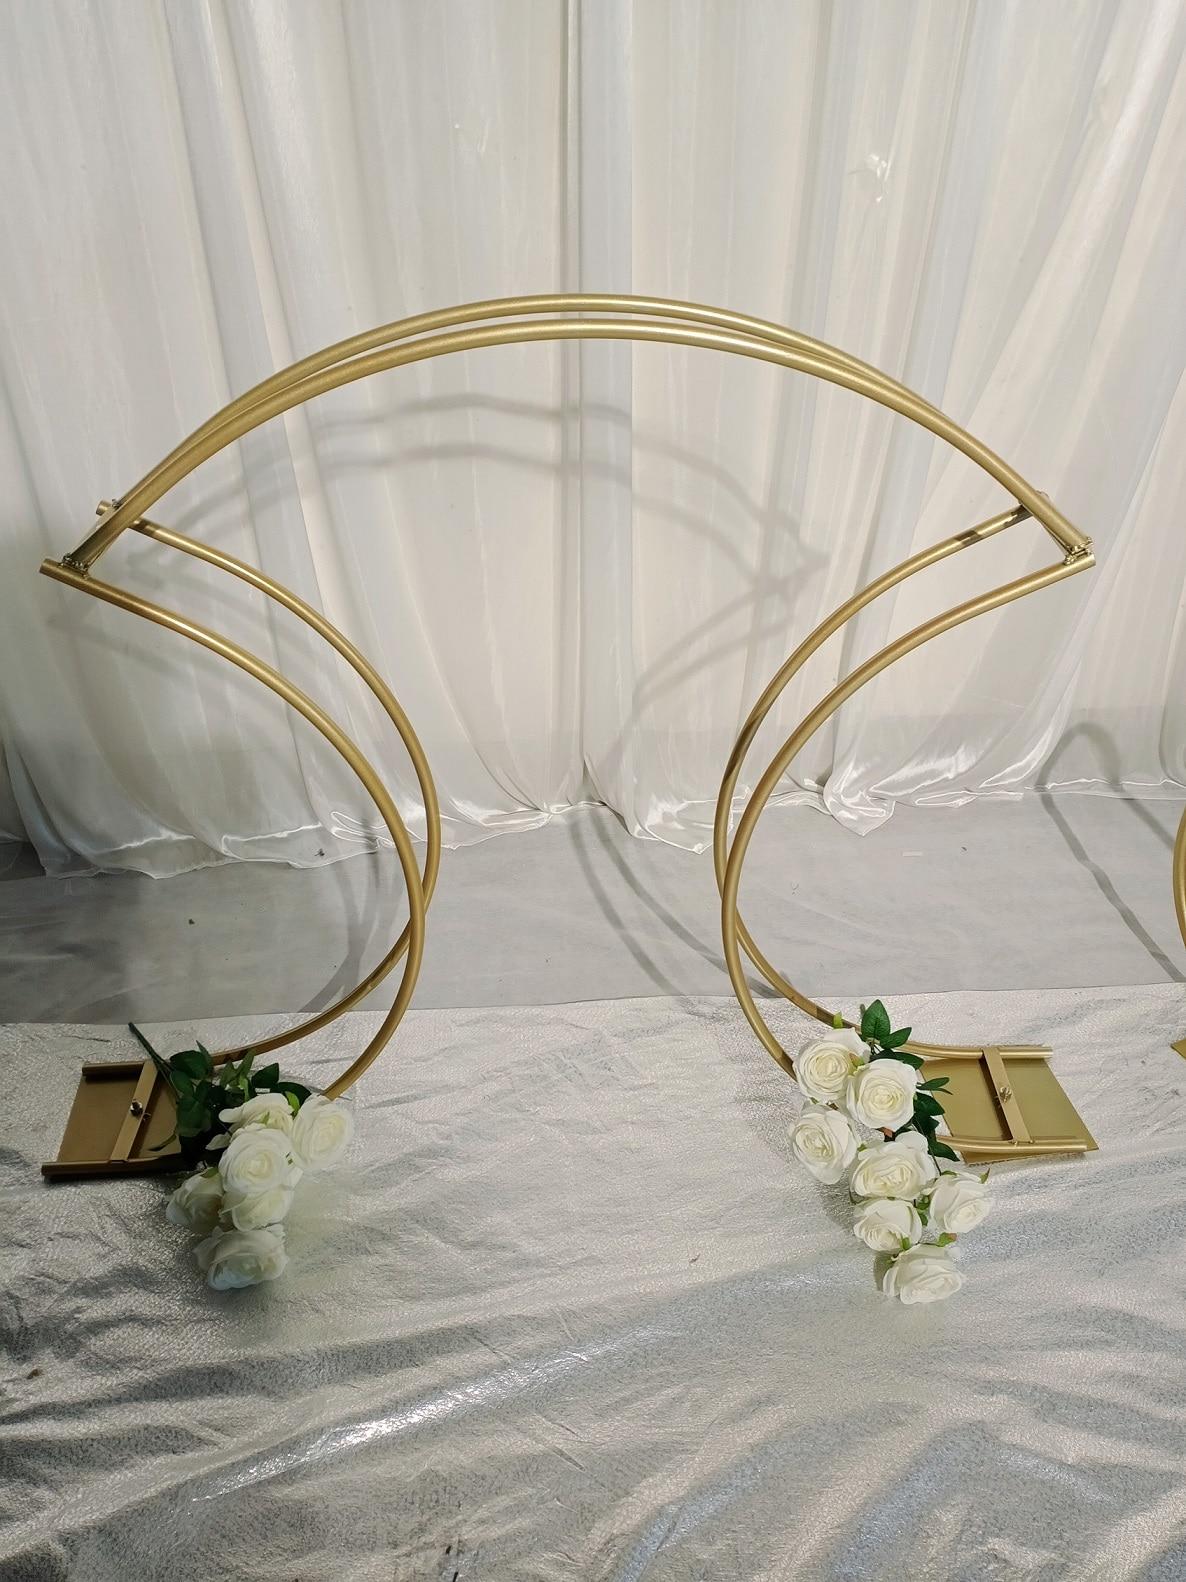 da flor do metal do casamento peça